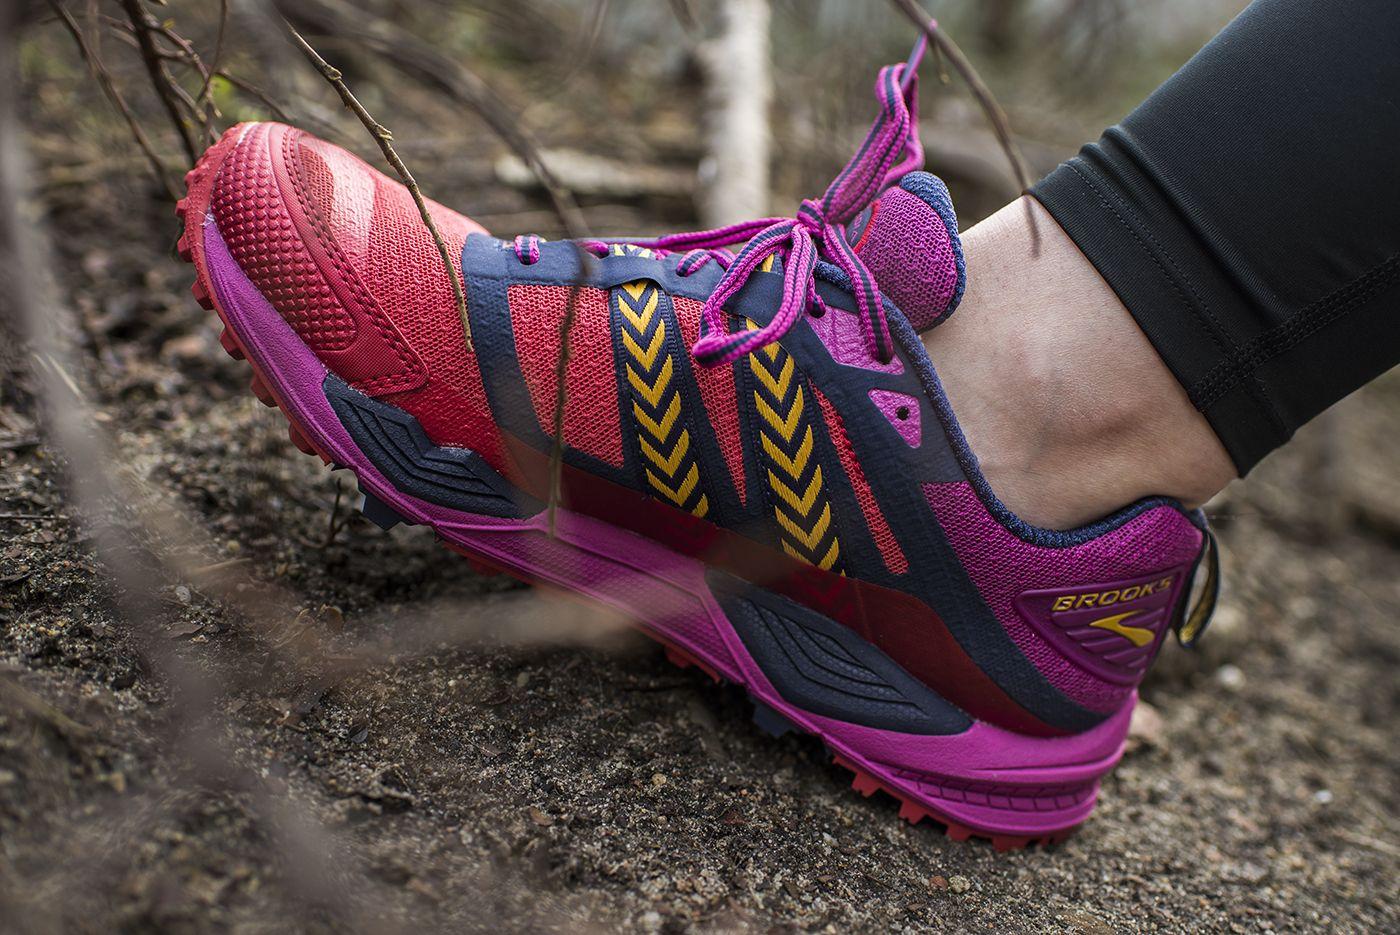 Brooks Cascadia Uznawane Sa Za Najbardziej Wszechstronne Buty Terenowe Co Nowego 12 Edycja Dzieki Elastycznej Podeszwi Running Shoes Hoka Running Shoes Shoes